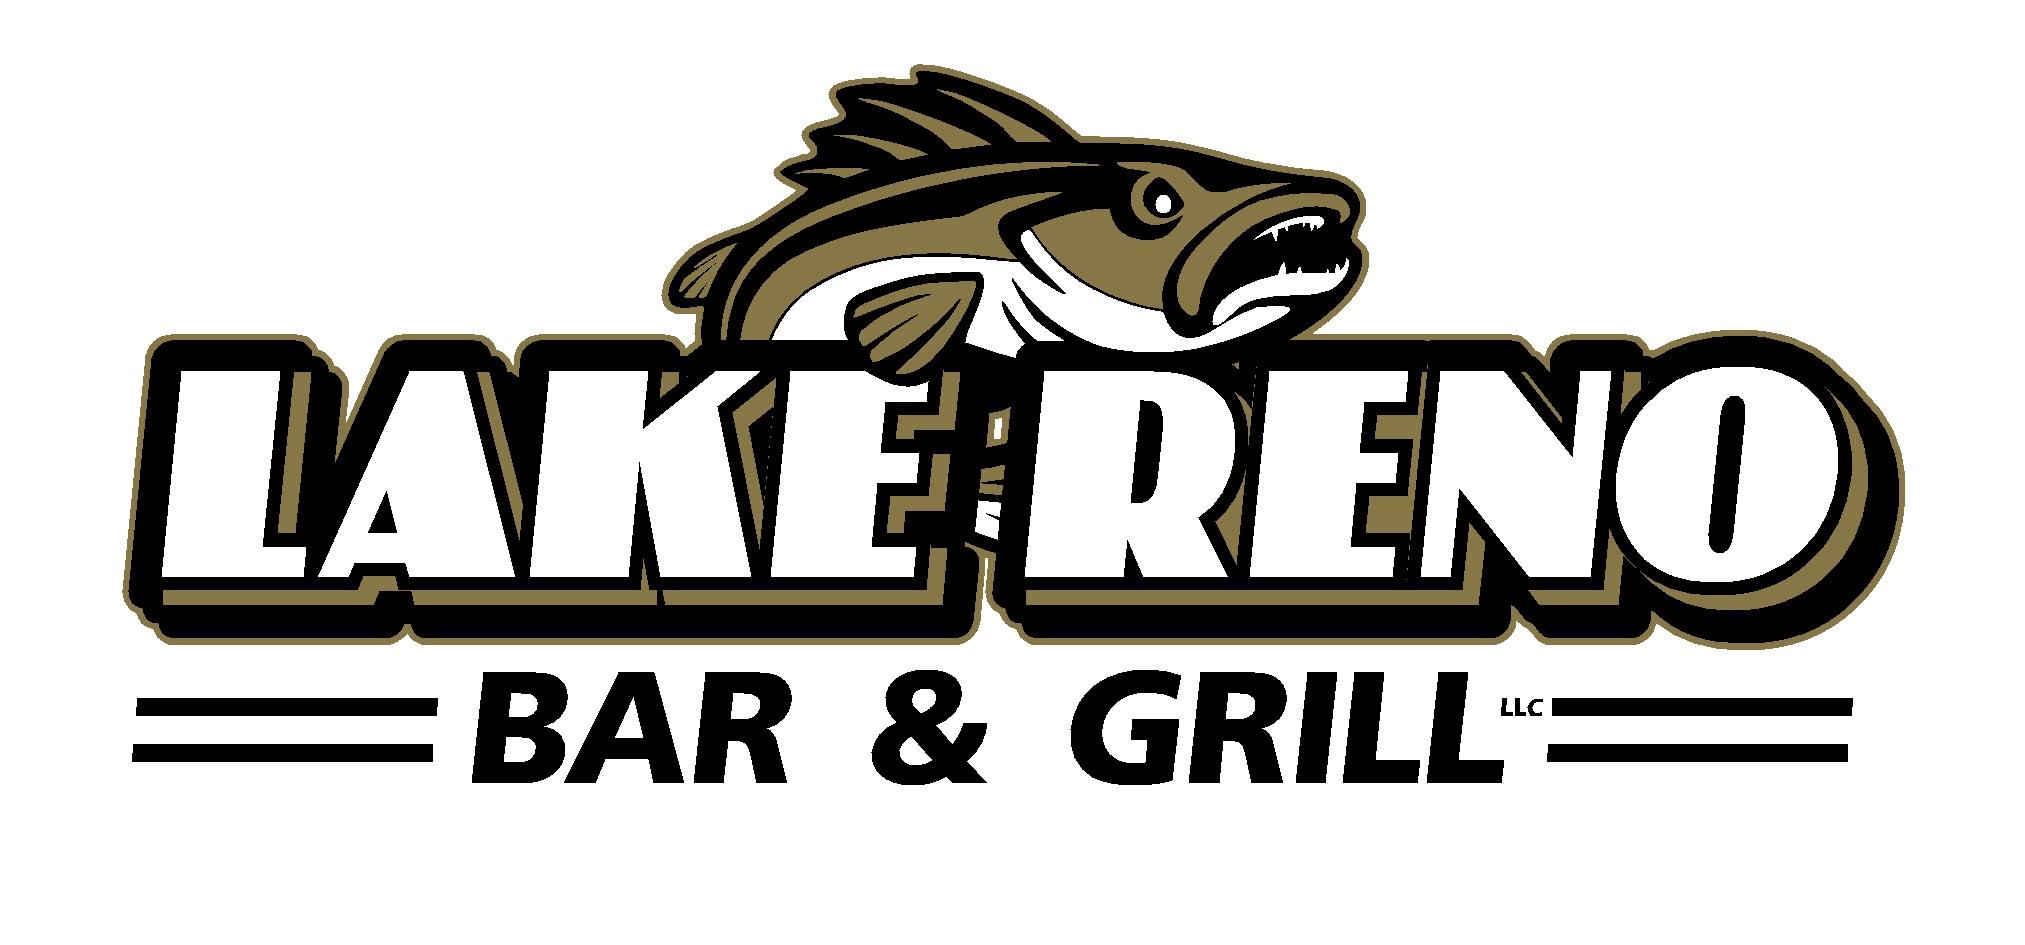 Lake Reno Bar & Grill